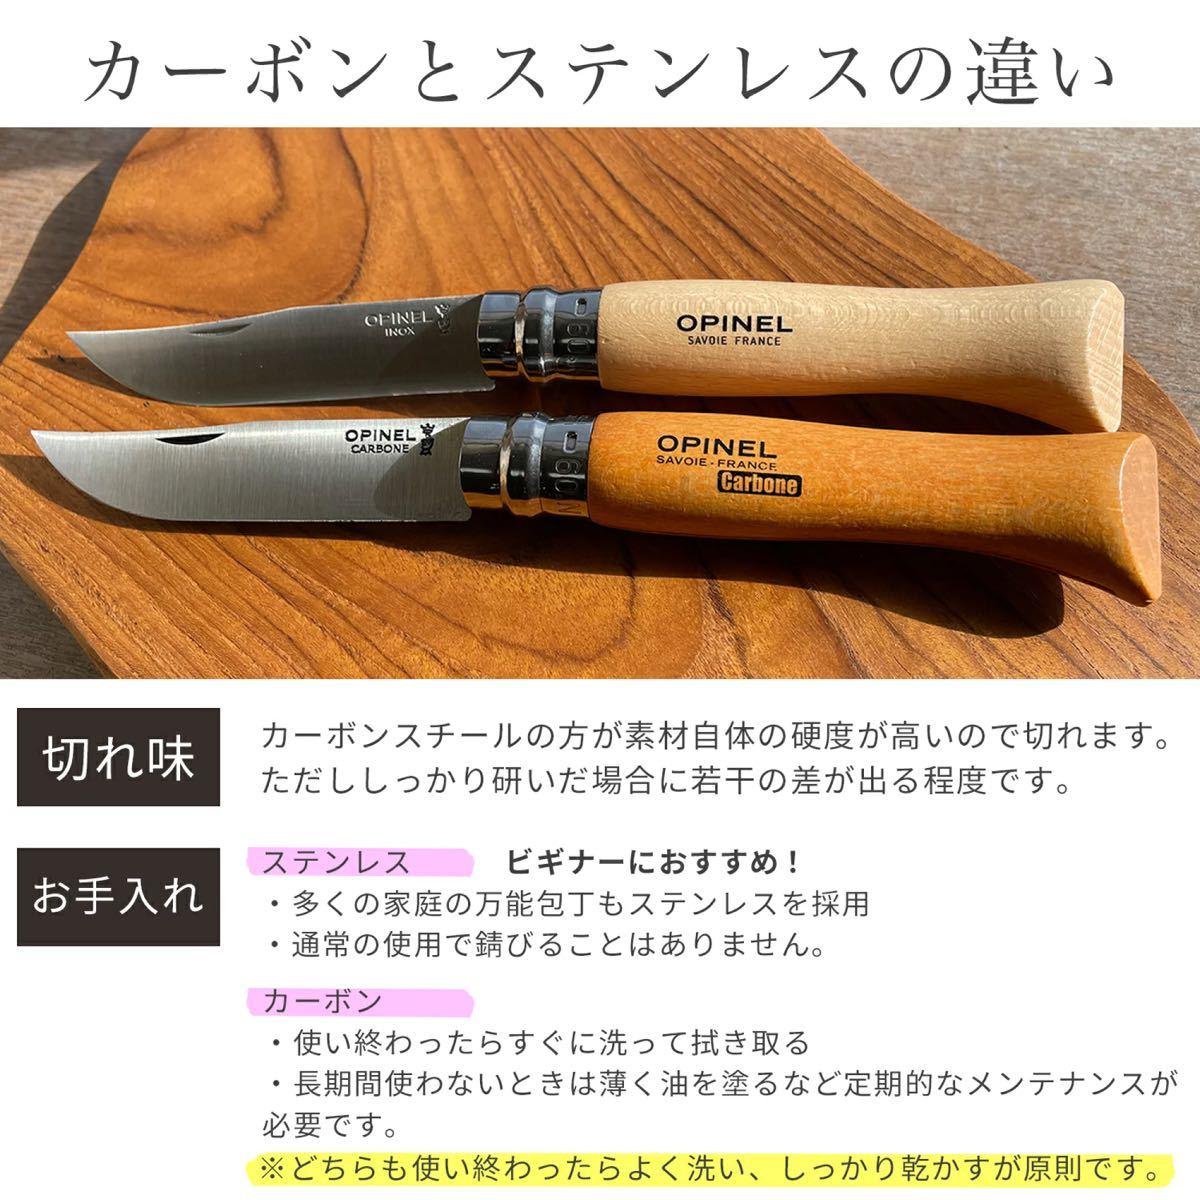 オピネルナイフ #12 12cm  新品 ソロキャンプに オススメ OPINEL 折りたたみナイフ  ステンレススチール